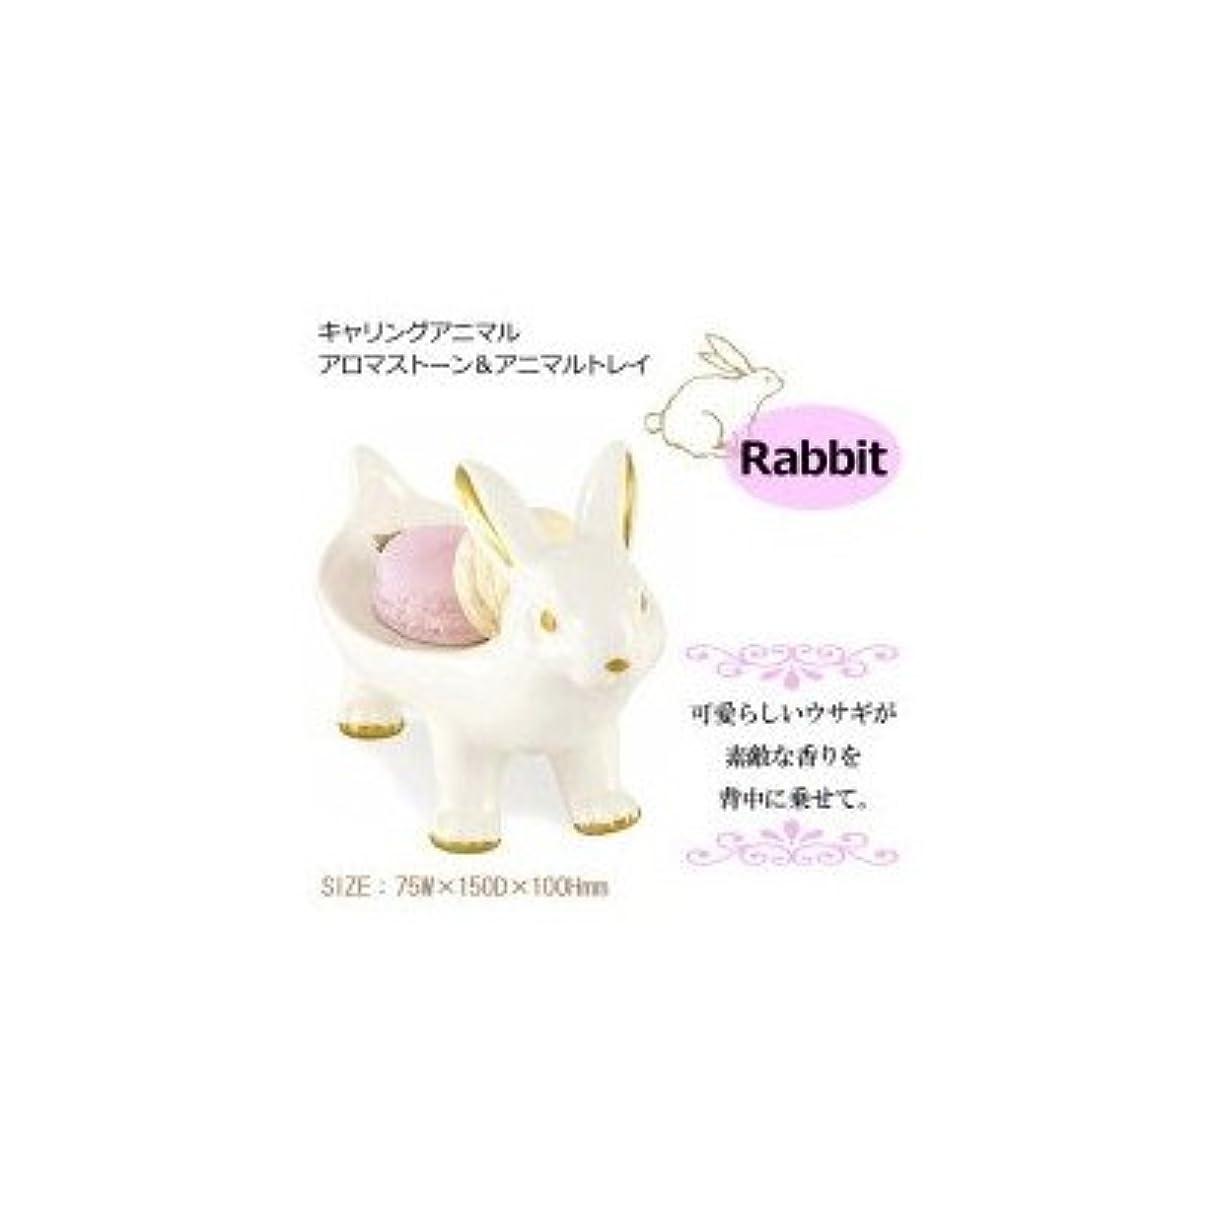 スポーツ松温度計可愛らしいウサギと素敵な香りを楽しめます キャリングアニマル アロマストーン&アニマルトレイ Rabbit KH-60960